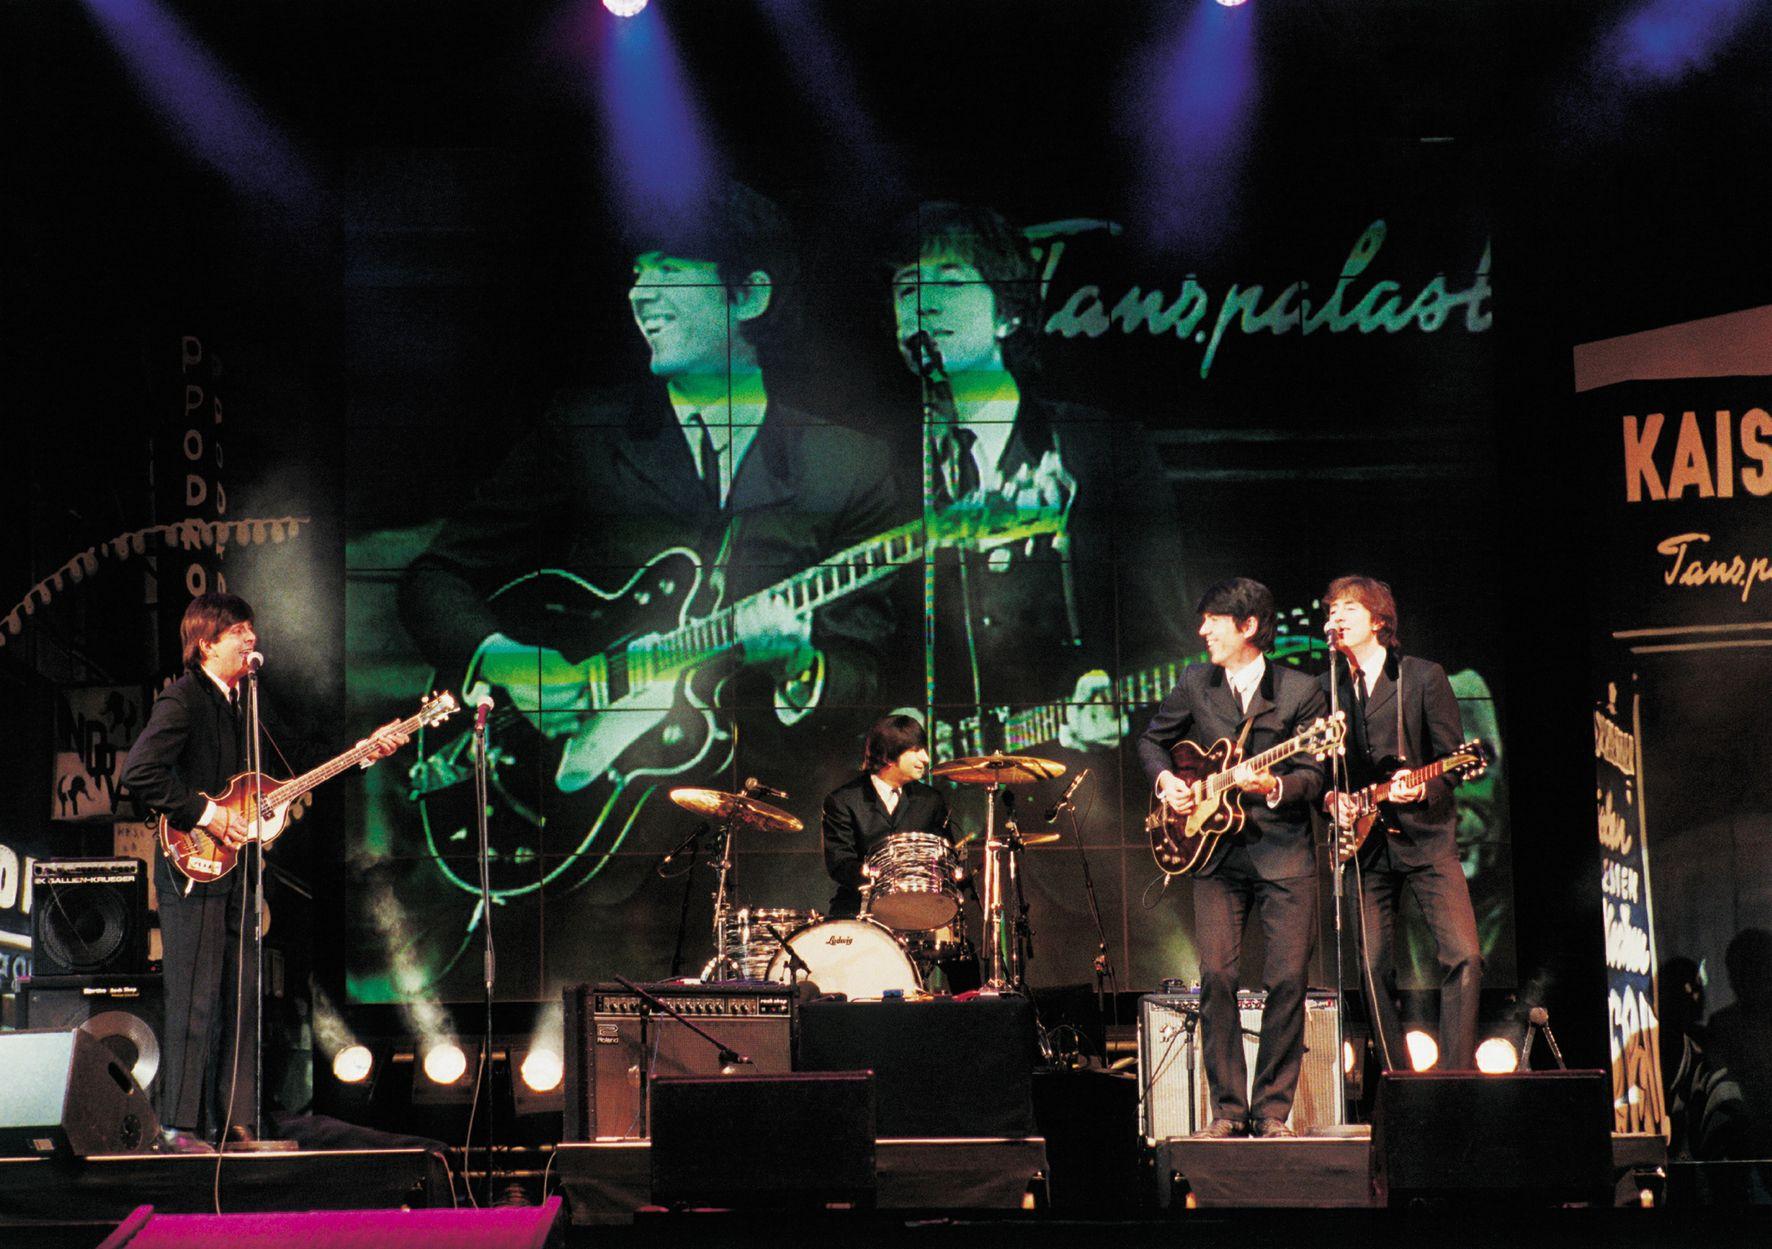 """Mit dem Musical """"All you need is love!"""" lässt Produzent Bernhard Kurz die typische Beatles-Atmosphäre wieder aufleben. Am 13.04., ab 20 Uhr in unserem Hegel-Saal. Mehr unter: https://www.musiccircus.de/Tickets/all-you-need-is-love-das-beatles-musical_5891d94befd91ee751db3d15 ©Music Circus Konzertbüro GmbH"""